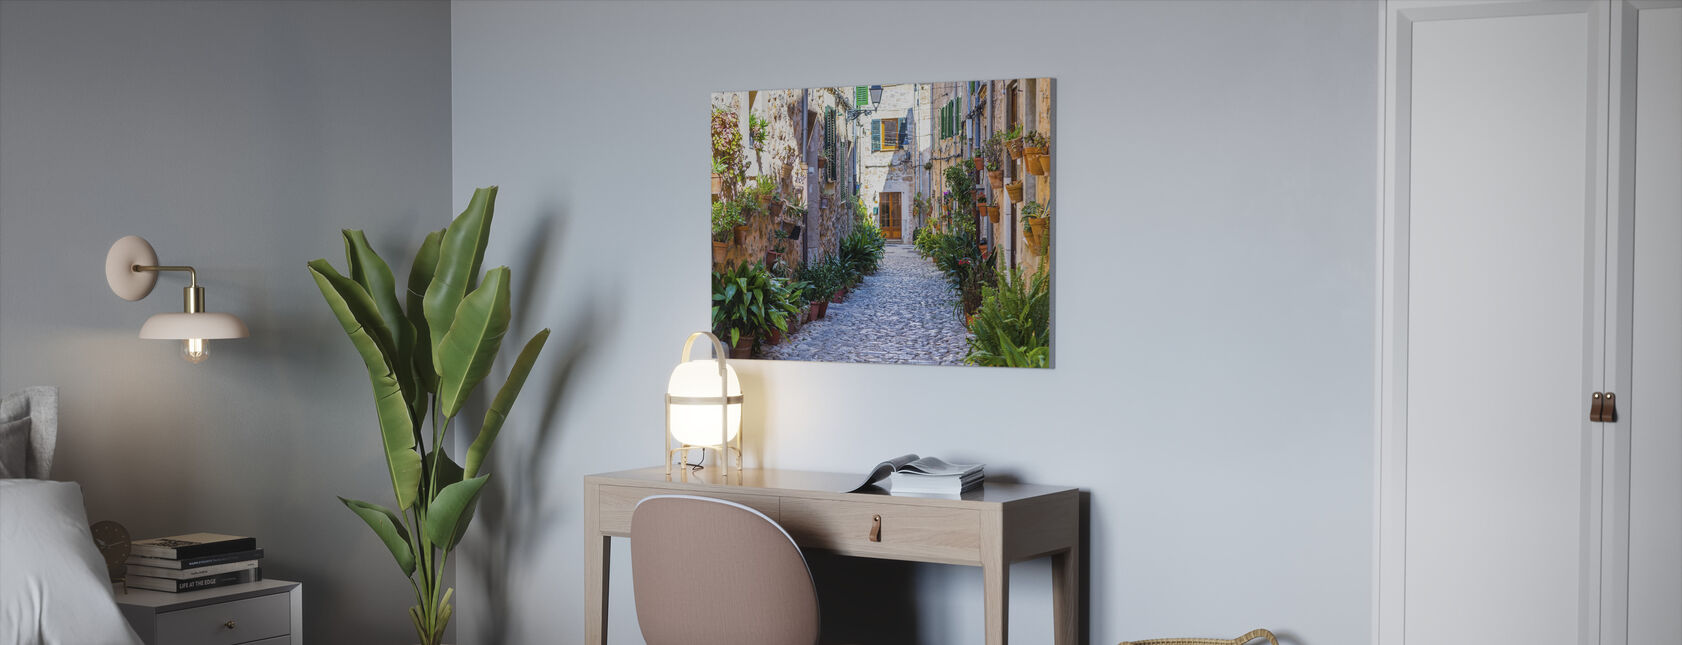 Plant Straat - Canvas print - Kantoor